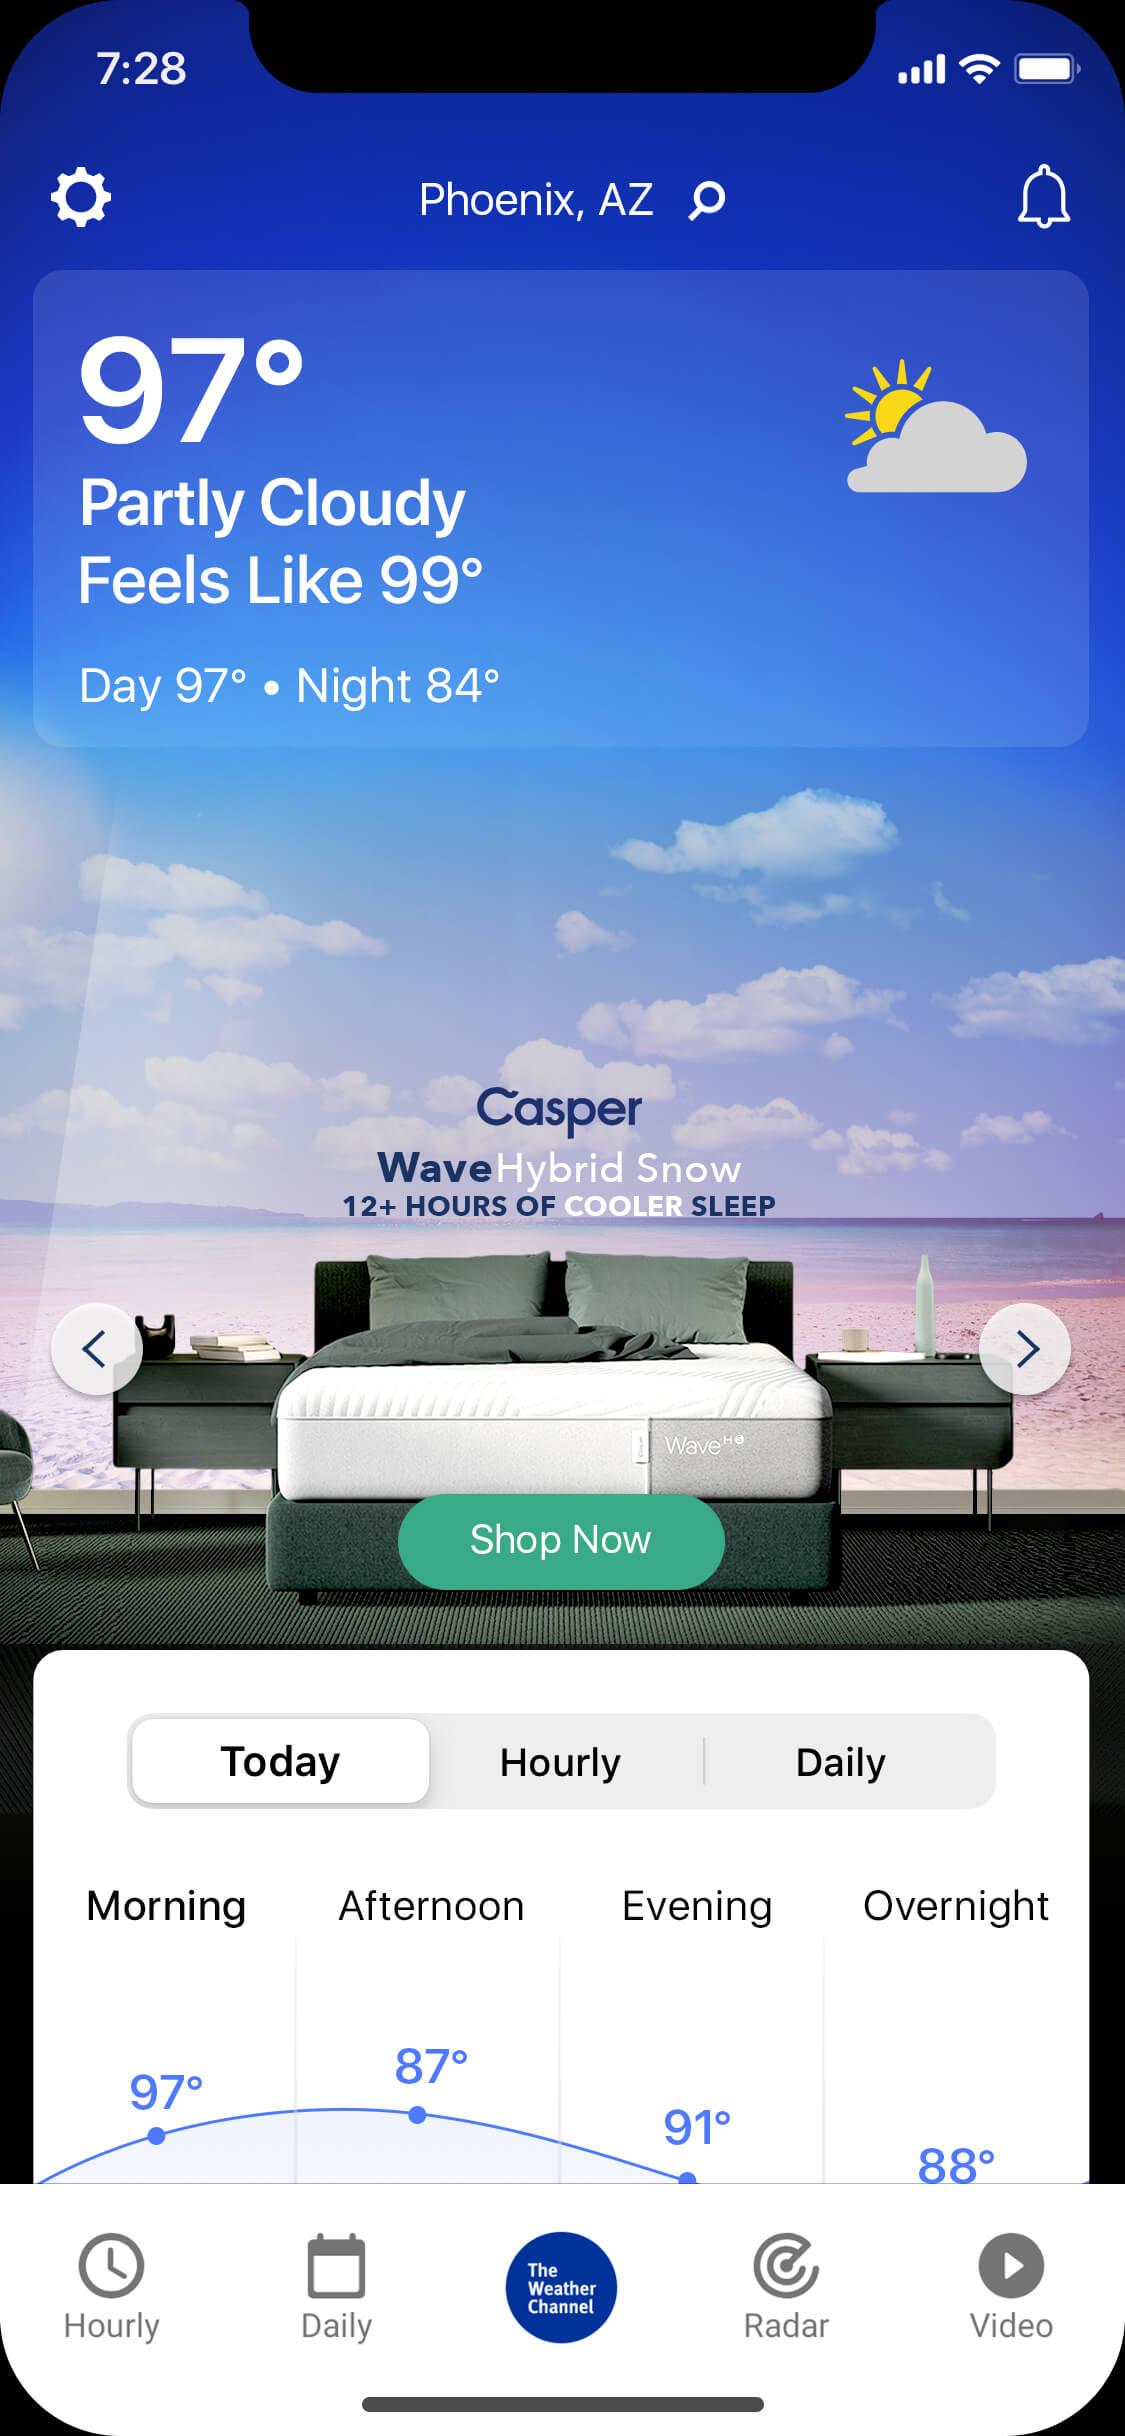 Casper_Cooling-Collection-Wave-MAIM-Mock